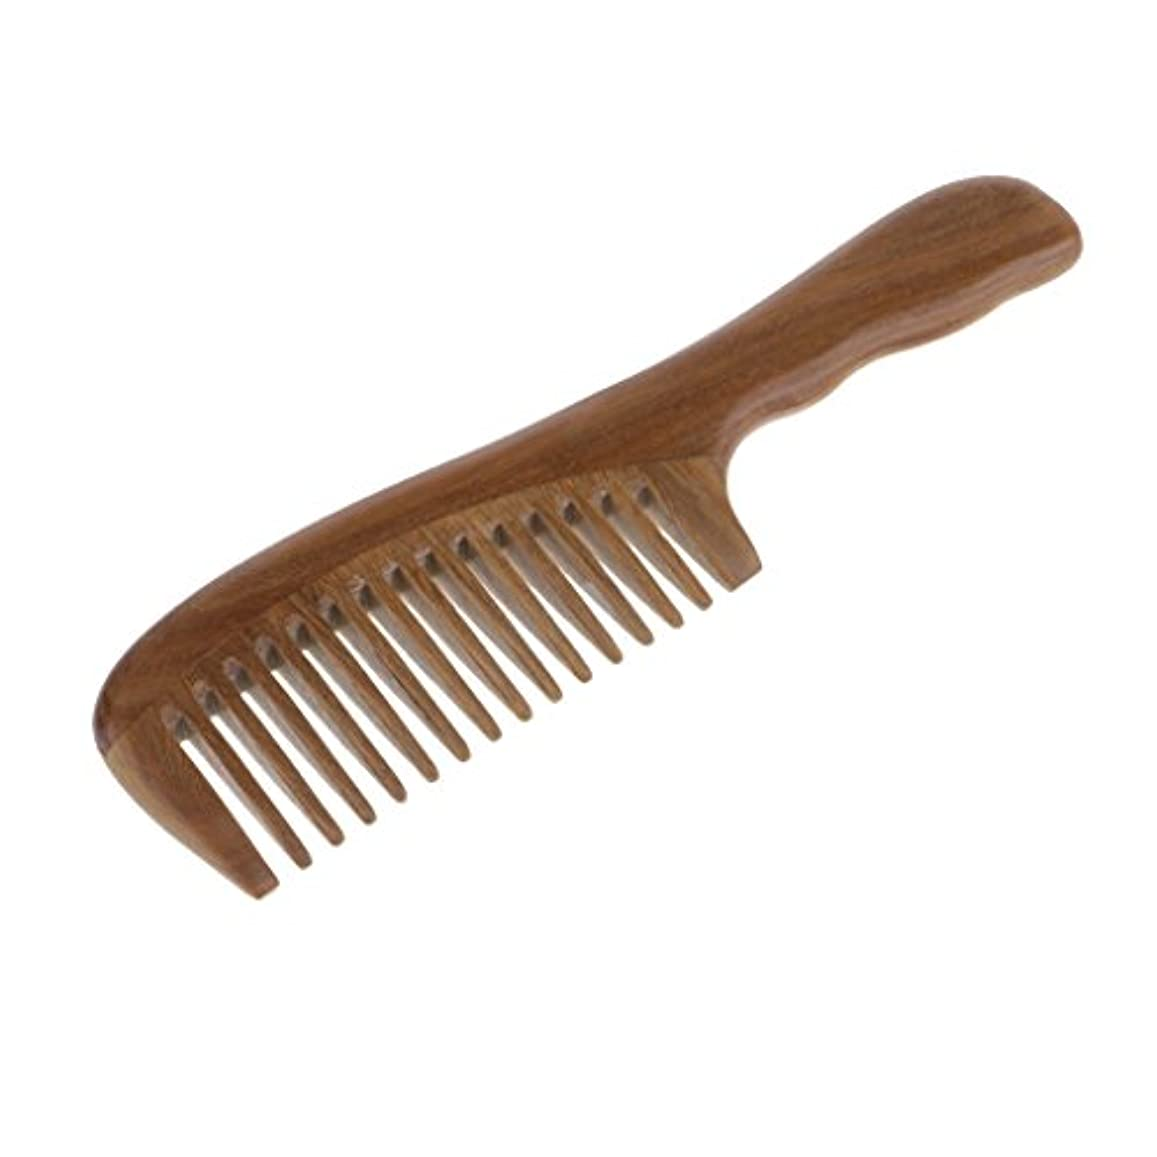 郊外長方形尊敬コーム 櫛 木製 ヘアブラシ ウッドコーム 頭皮マッサージ 帯電防止 2タイプ選べる - 広い歯